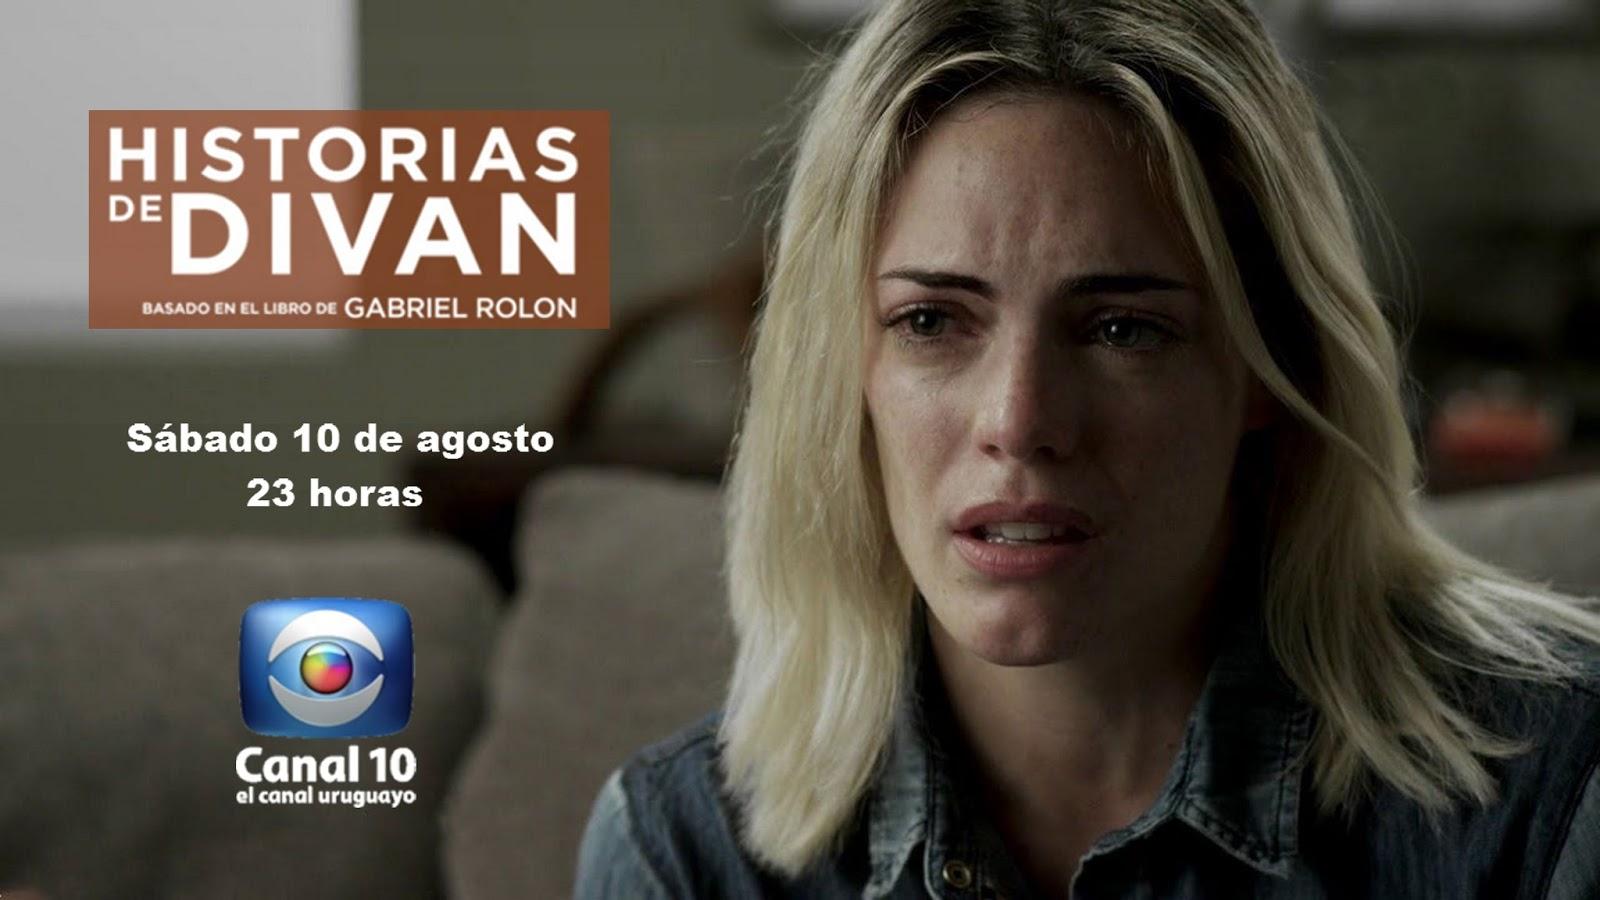 Historias de div n con emilia attias en canal 10 de uruguay for Historias de divan